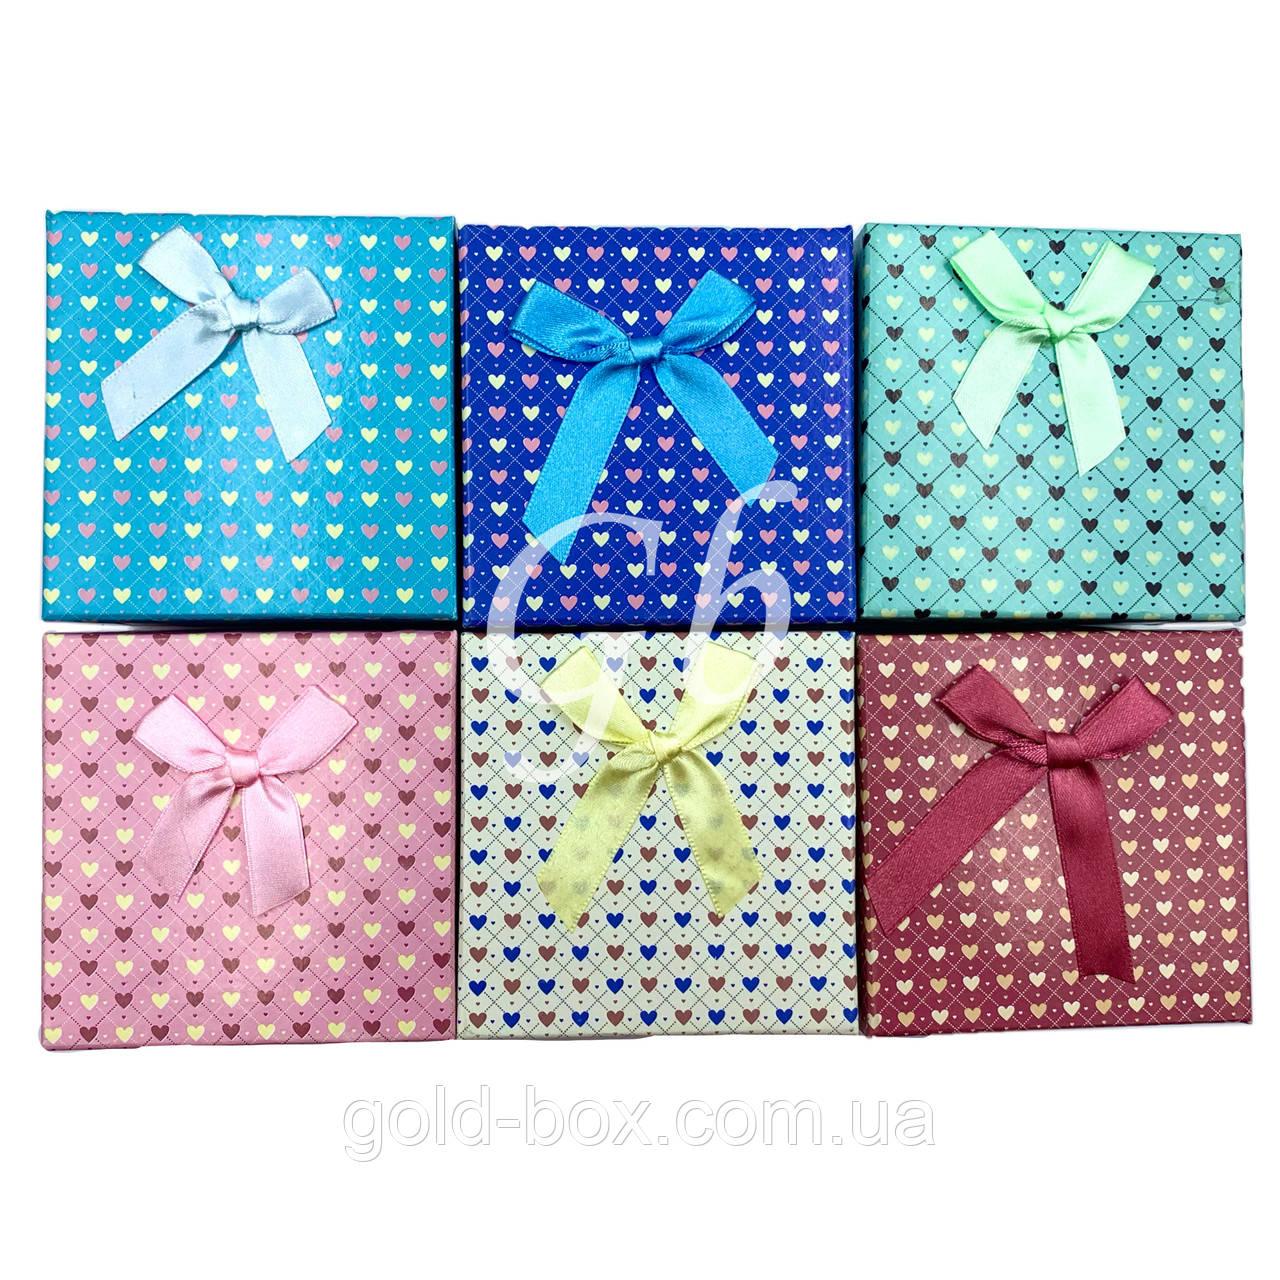 Подарункові коробочки для годин або браслета«Cuori» 6шт